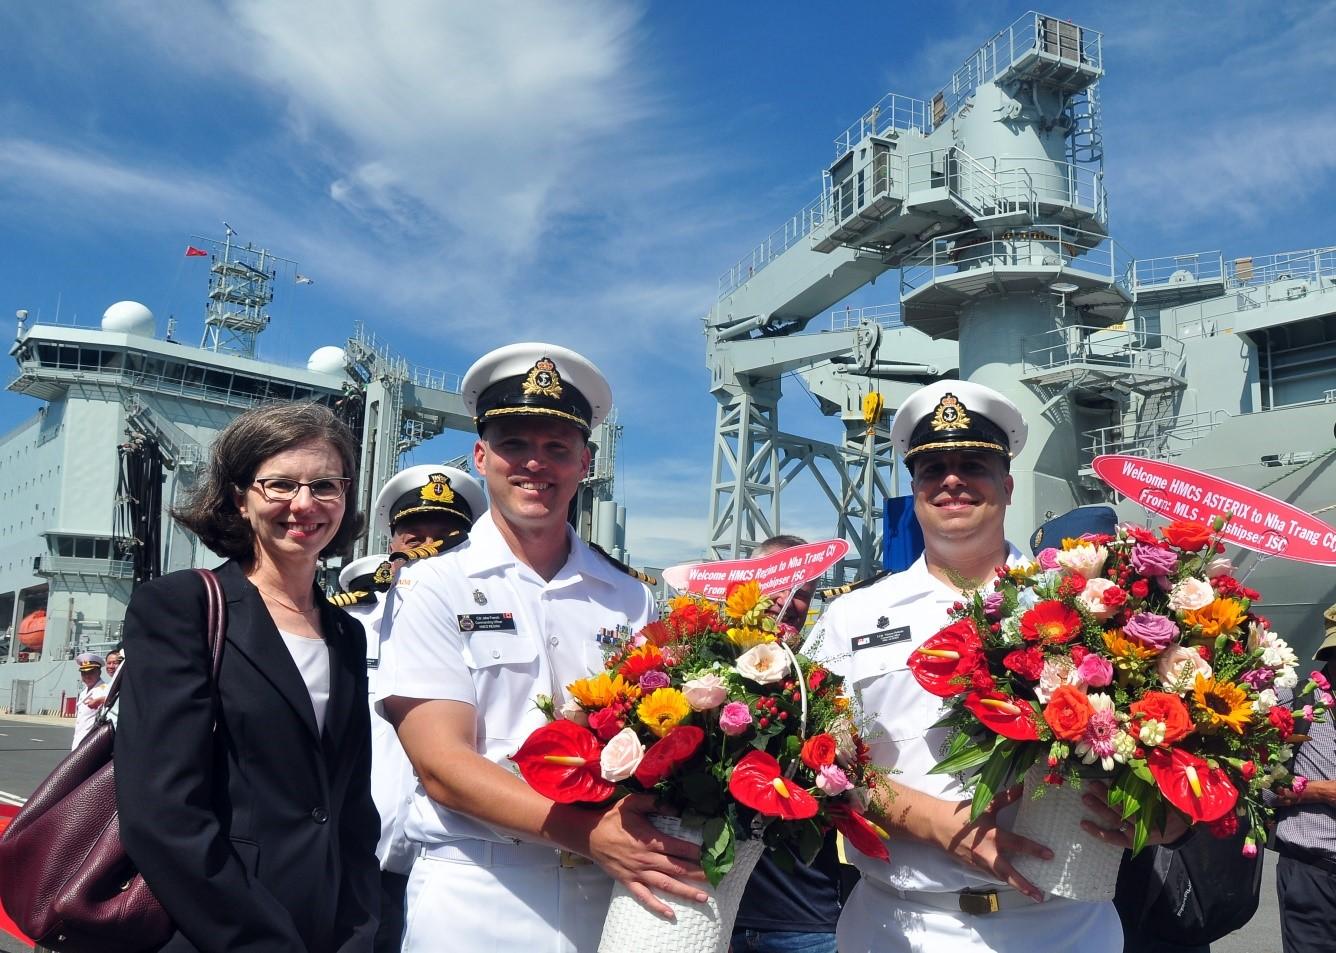 Bà Deborah Paul, đại sứ CANADA tại Việt Nam, Trung tá JACOB FRENCH (giữa) sĩ quan chỉ huy tàu HMCS REGINA và Trung tá VINCENT PELLERIN, sĩ quan chỉ huy tàu ASTERIX tại cảng Cam Ranh